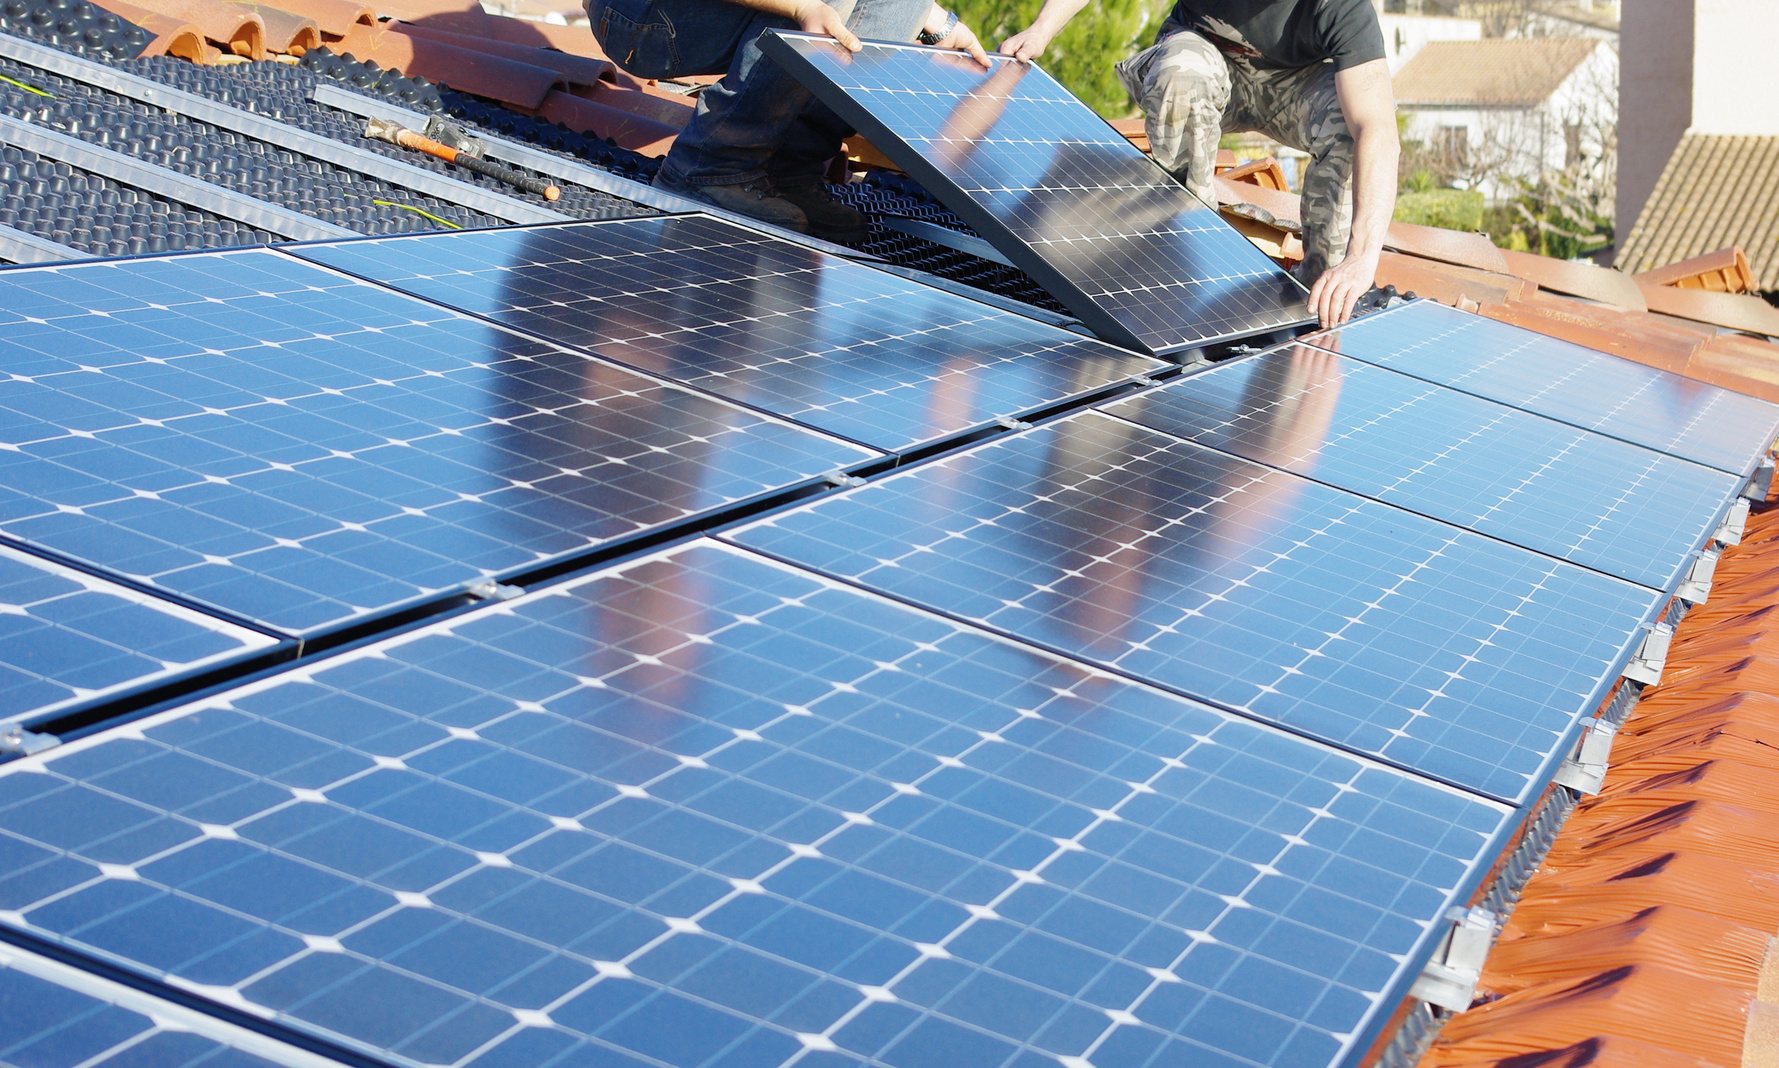 panneaux solaires maison des panneaux solaires sur un toit et des gratteciel une propre. Black Bedroom Furniture Sets. Home Design Ideas